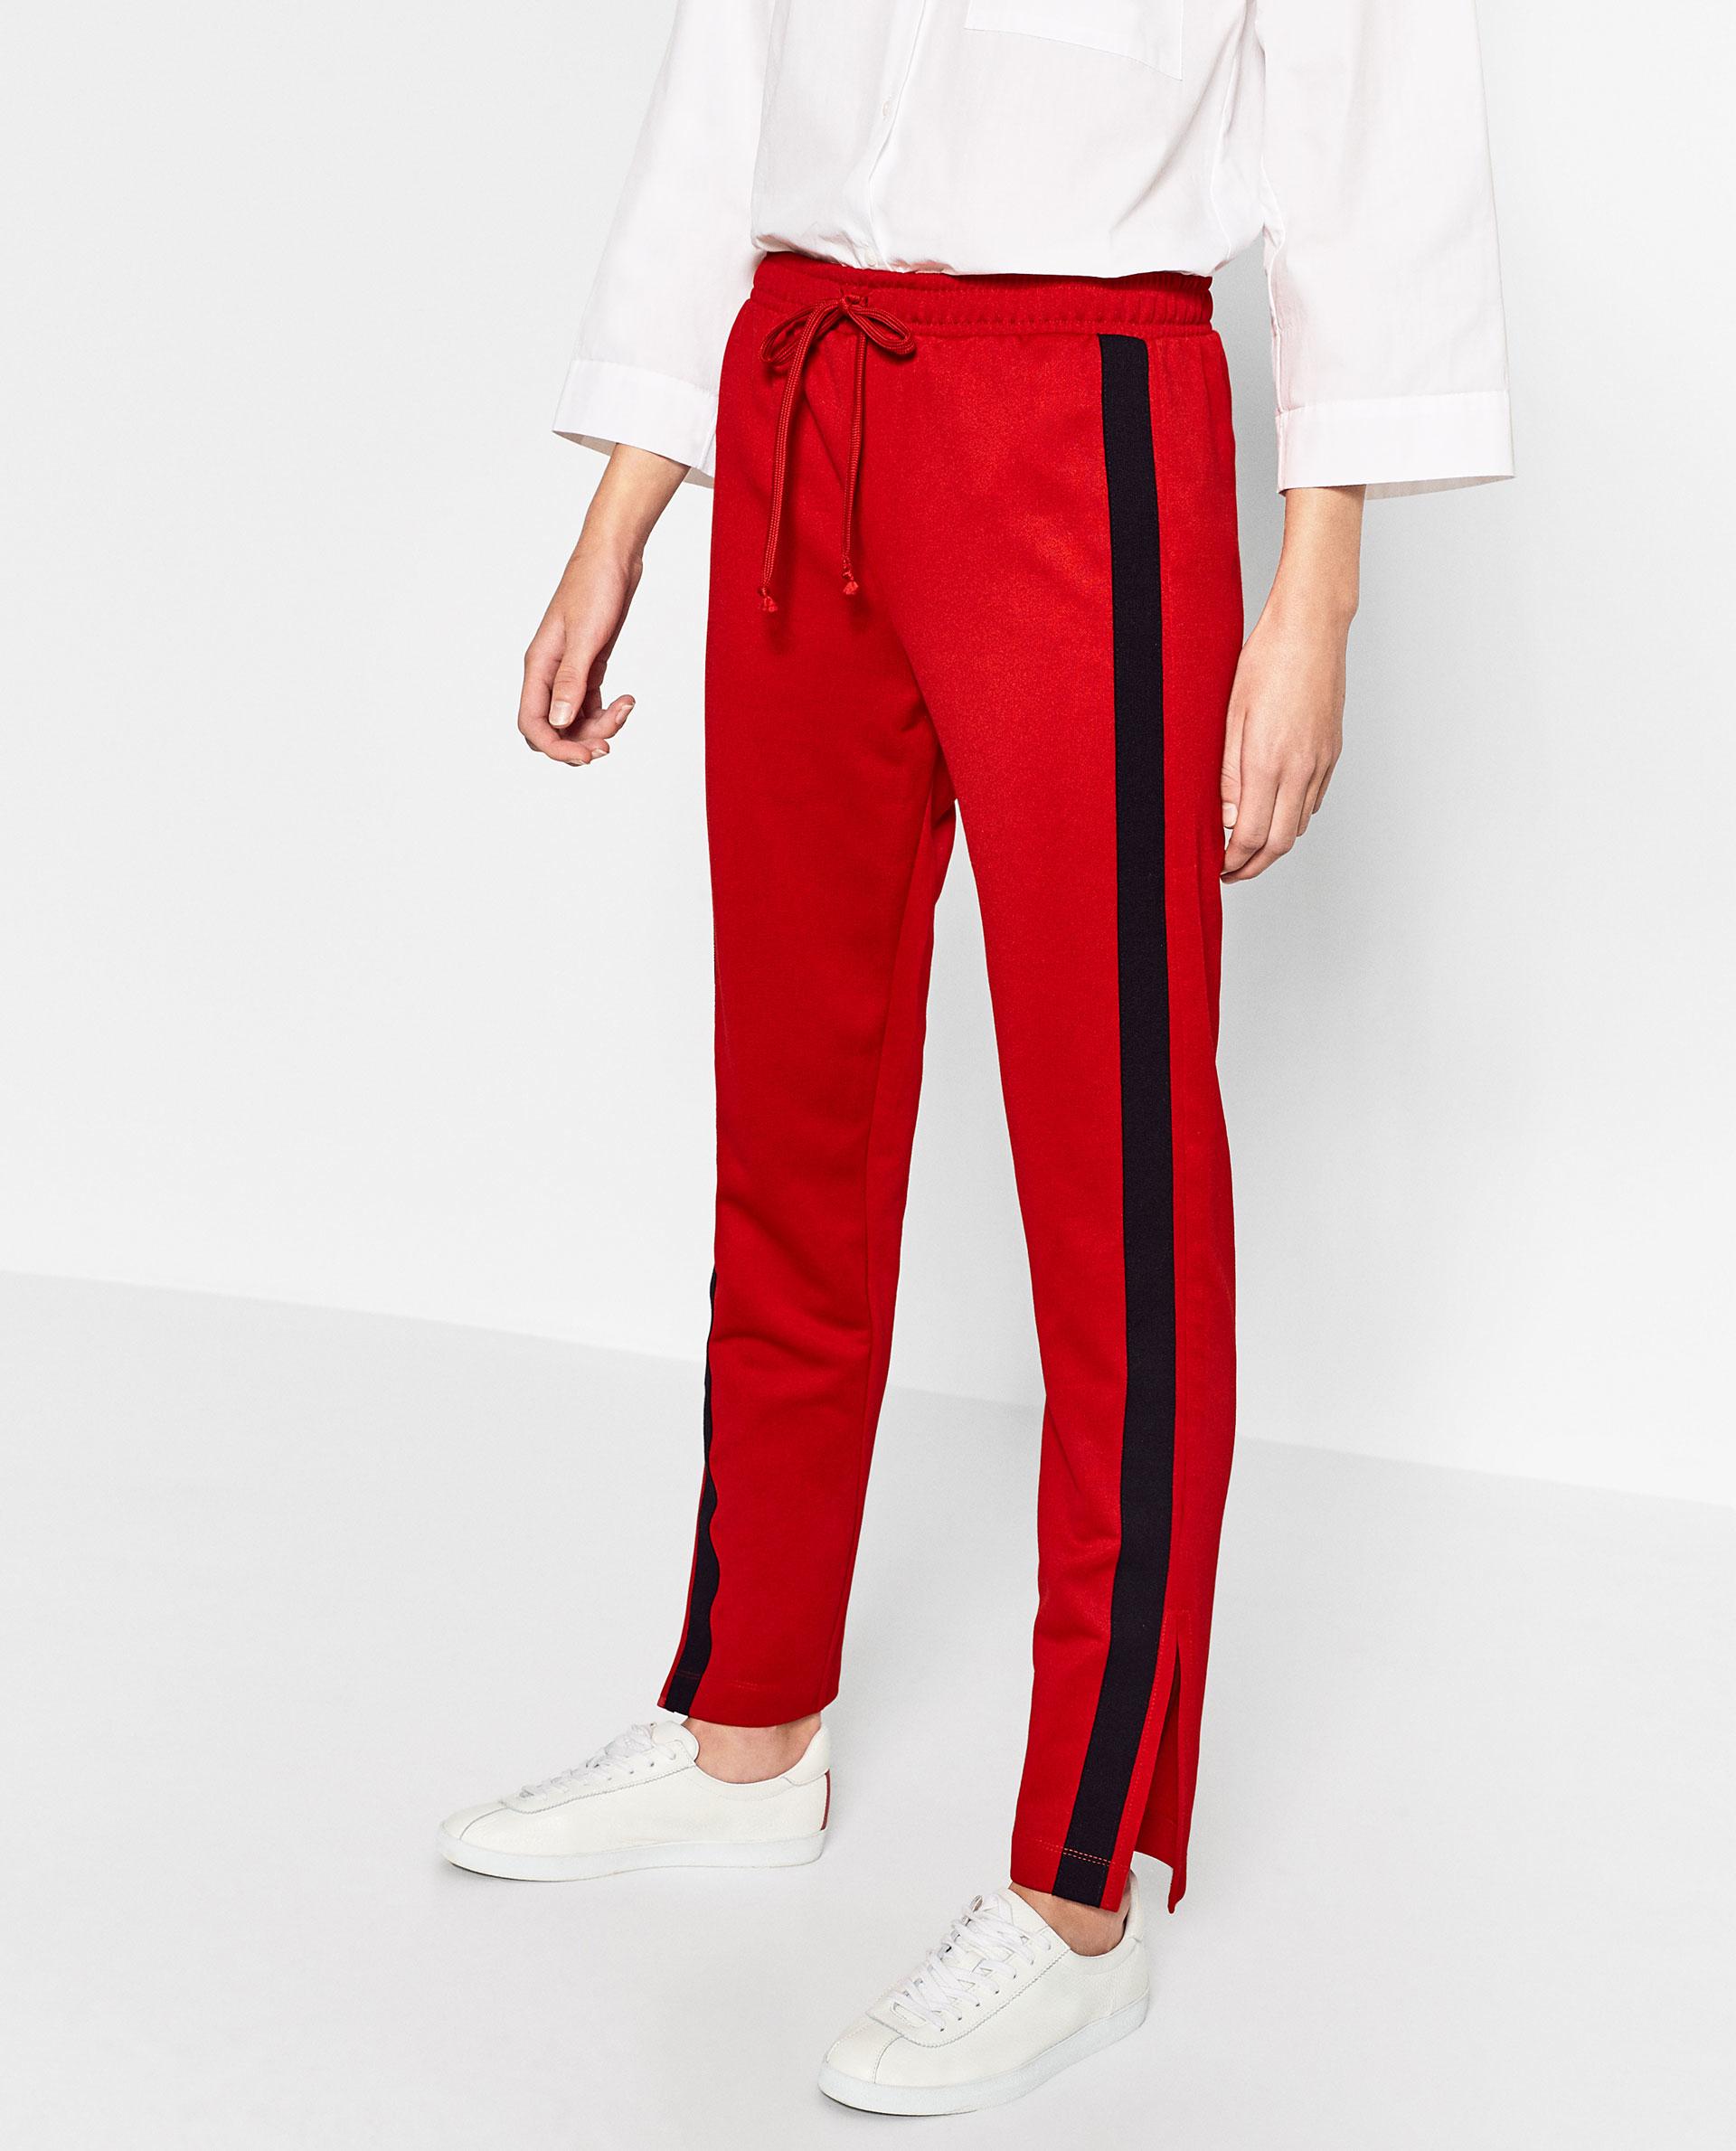 Diesel Jeans Womens